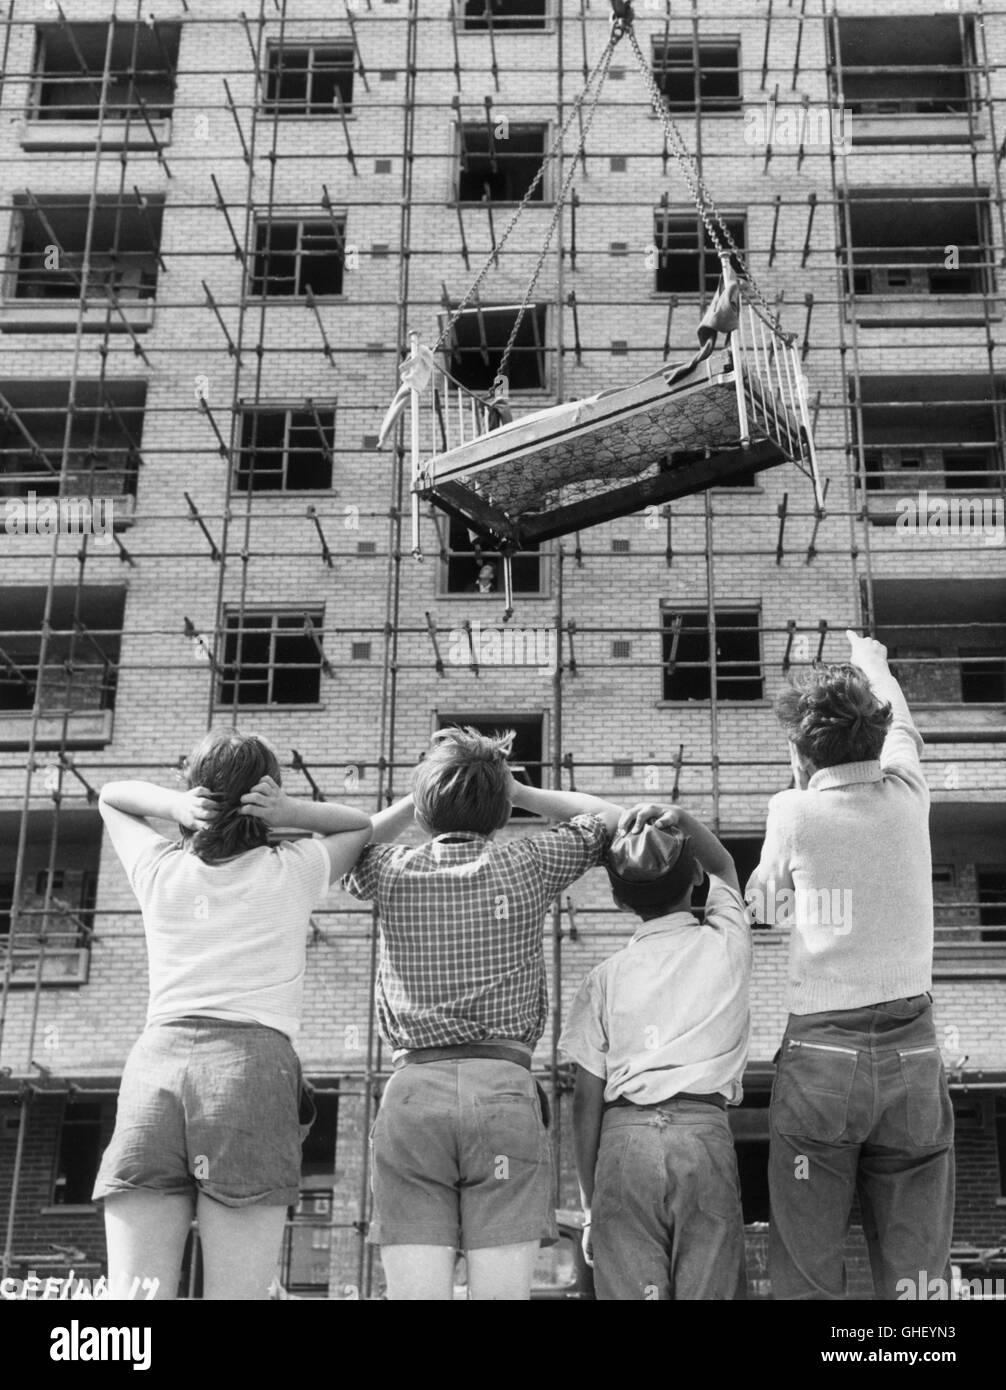 THE SALVAGE GANG UK 1958 John Krish a group of ingenious kids ...